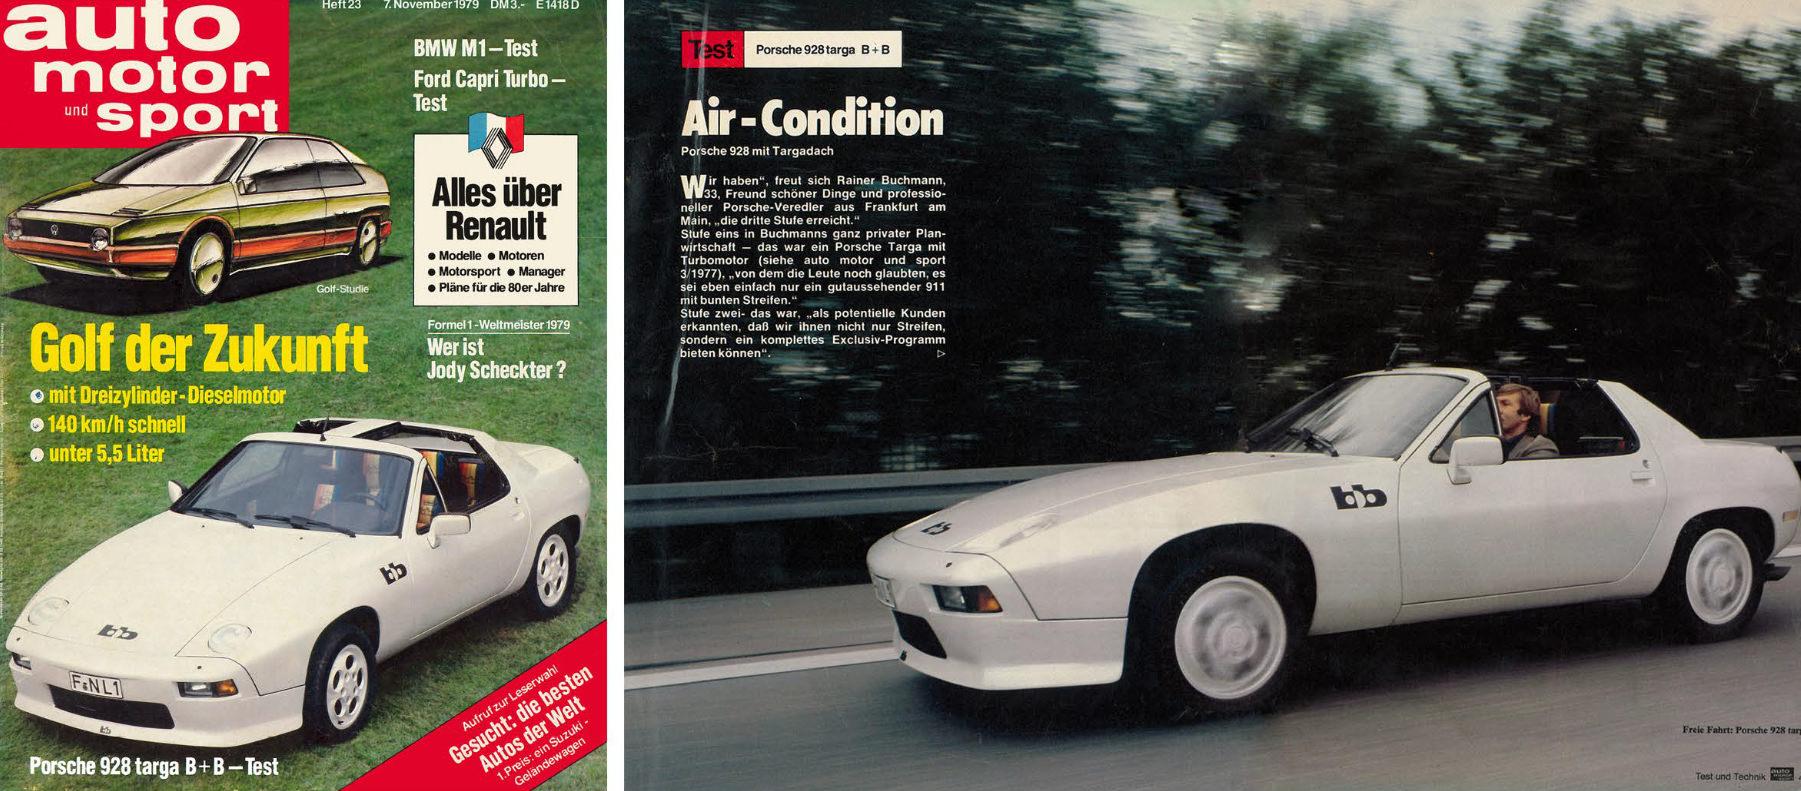 AutoMotor und Sport-Heft 23 - 7.November-1979